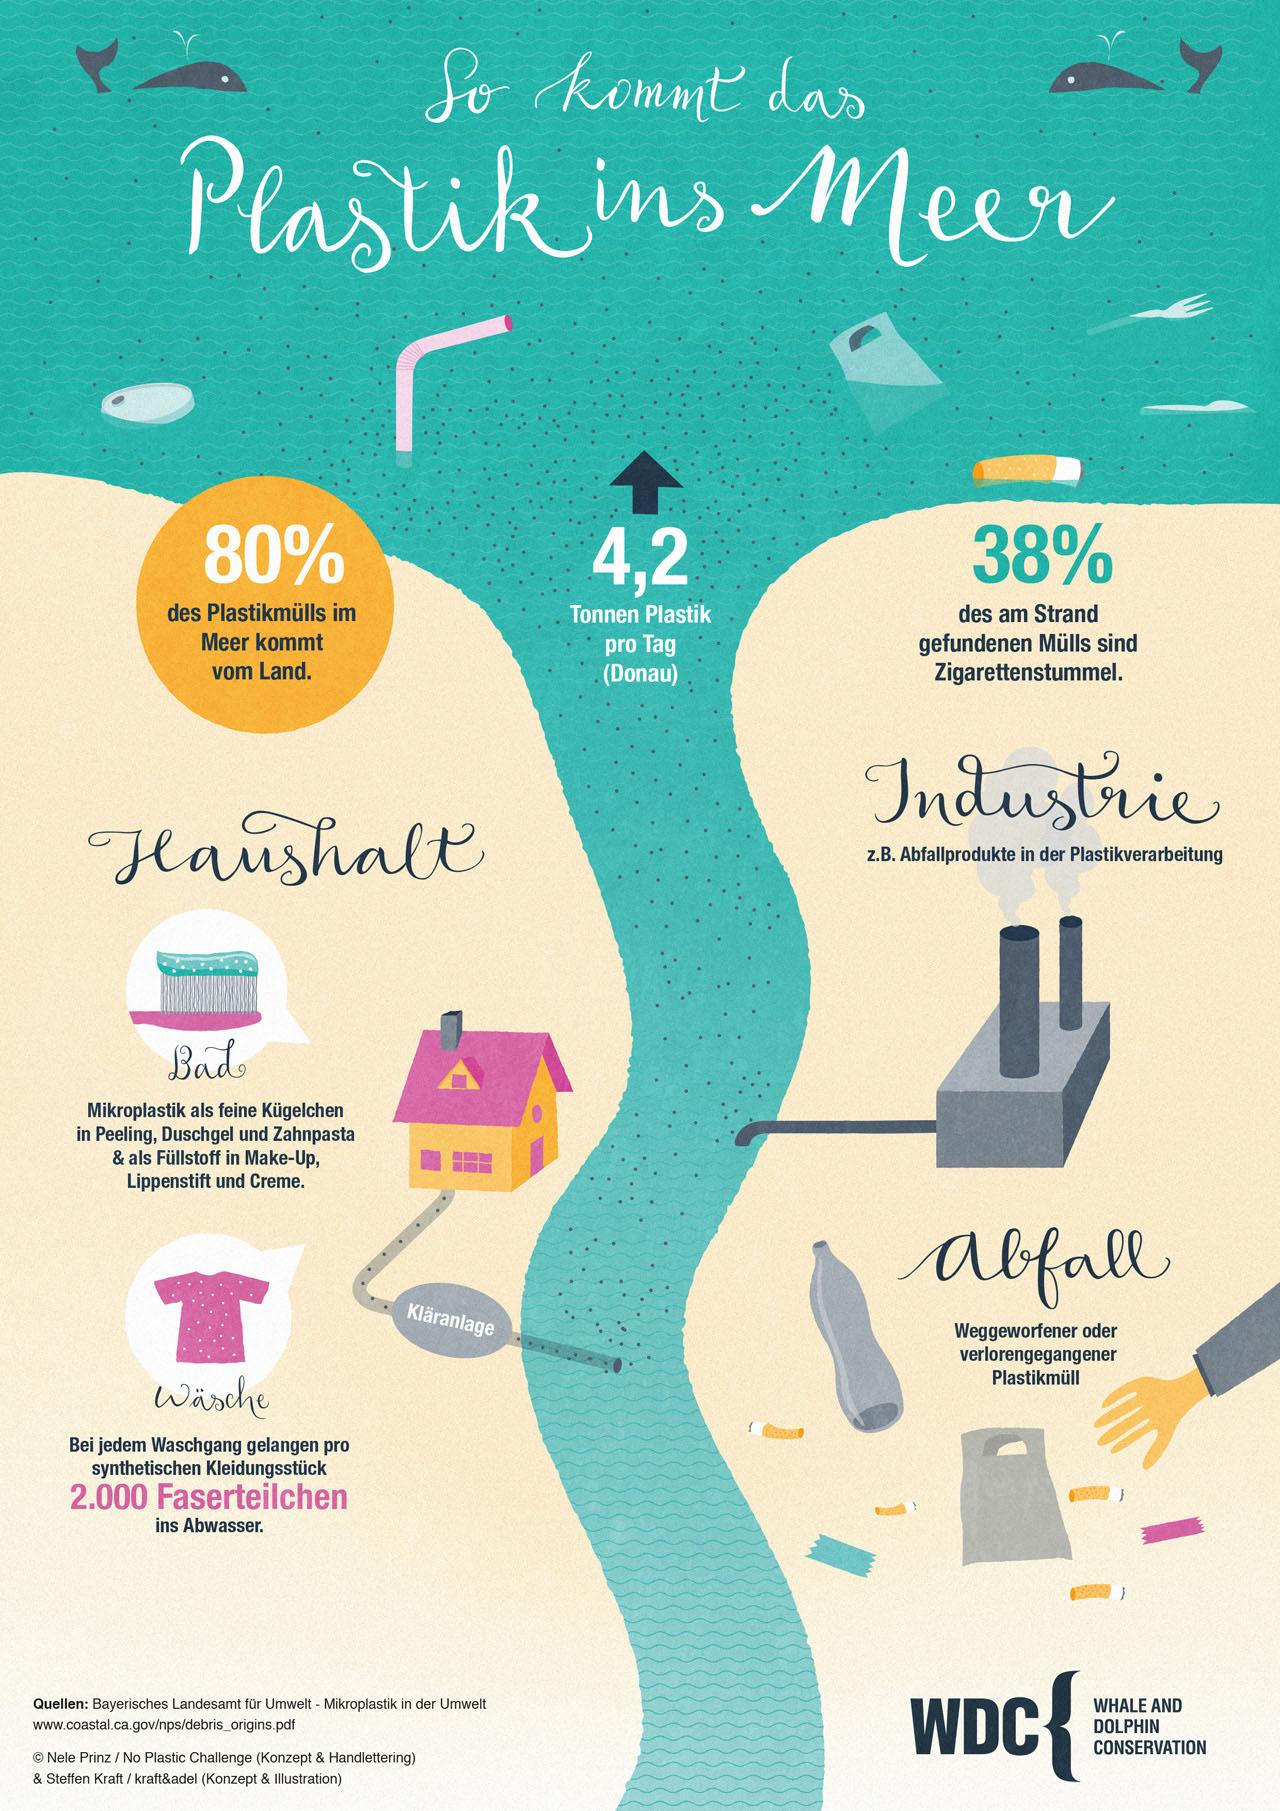 wdc mikroplastik im meer